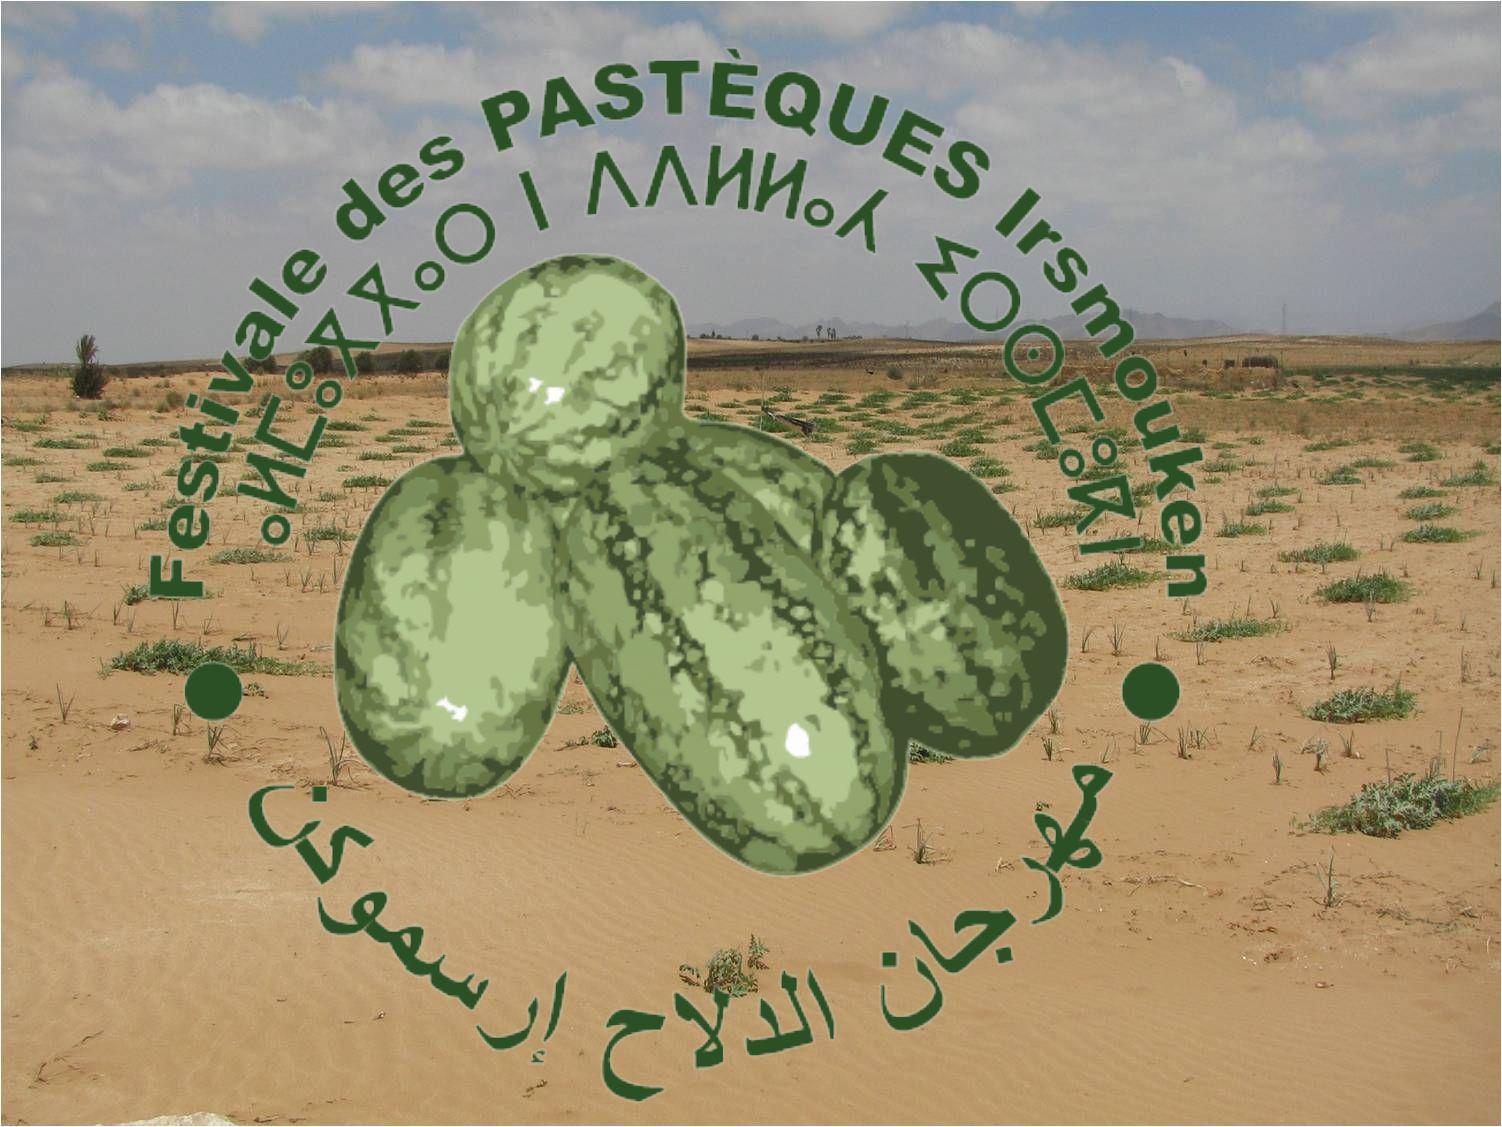 فعاليات النسخة الأولى من مهرجان الدلاح إرسموكن شهر غشت المقبل